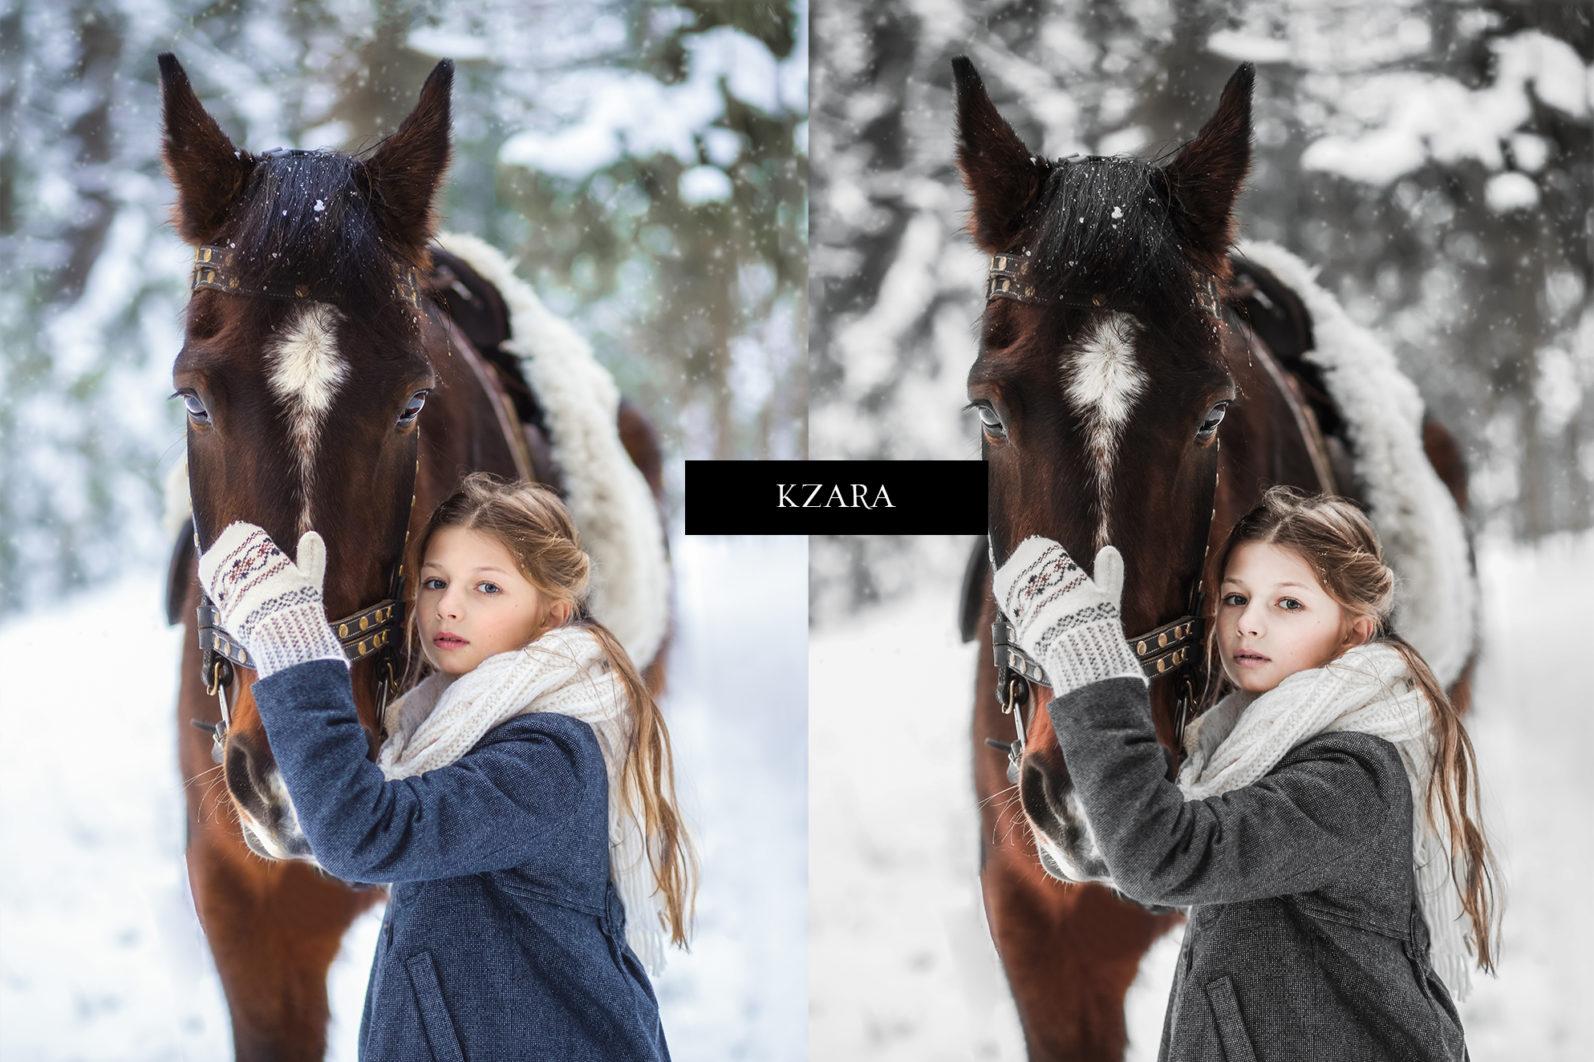 12 x Lightroom Presets, Winter Magic Presets, Outdoor Presets, Gray Tones Presets, Portrait Presets - Winter Magic Preview 4 -